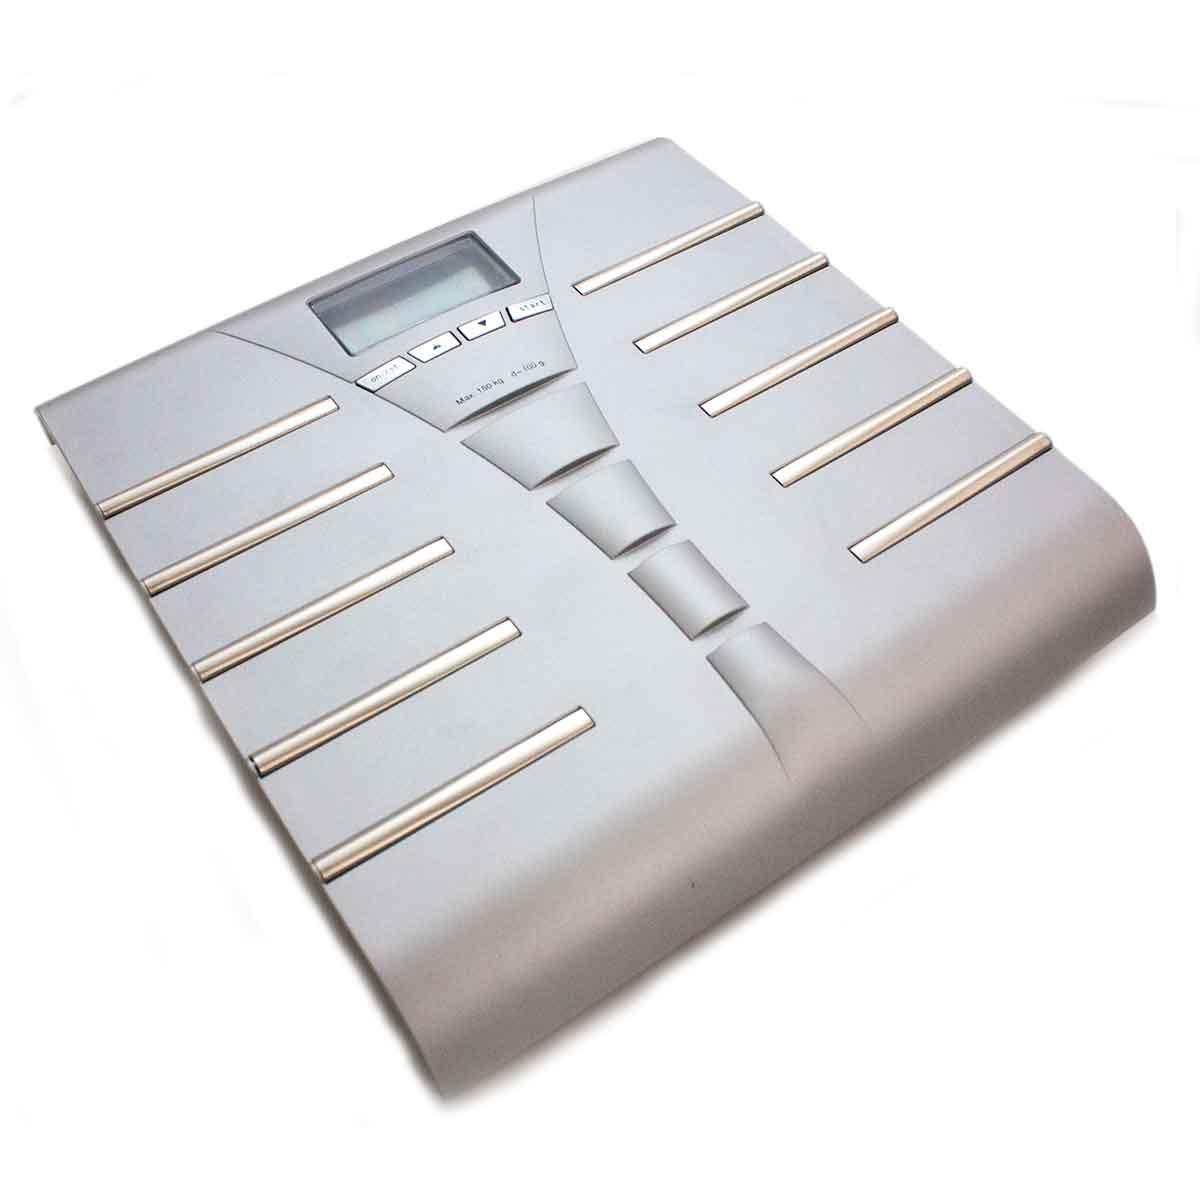 Balança Digital Banheiro 3 em 1 Peso Gordura Hidratação